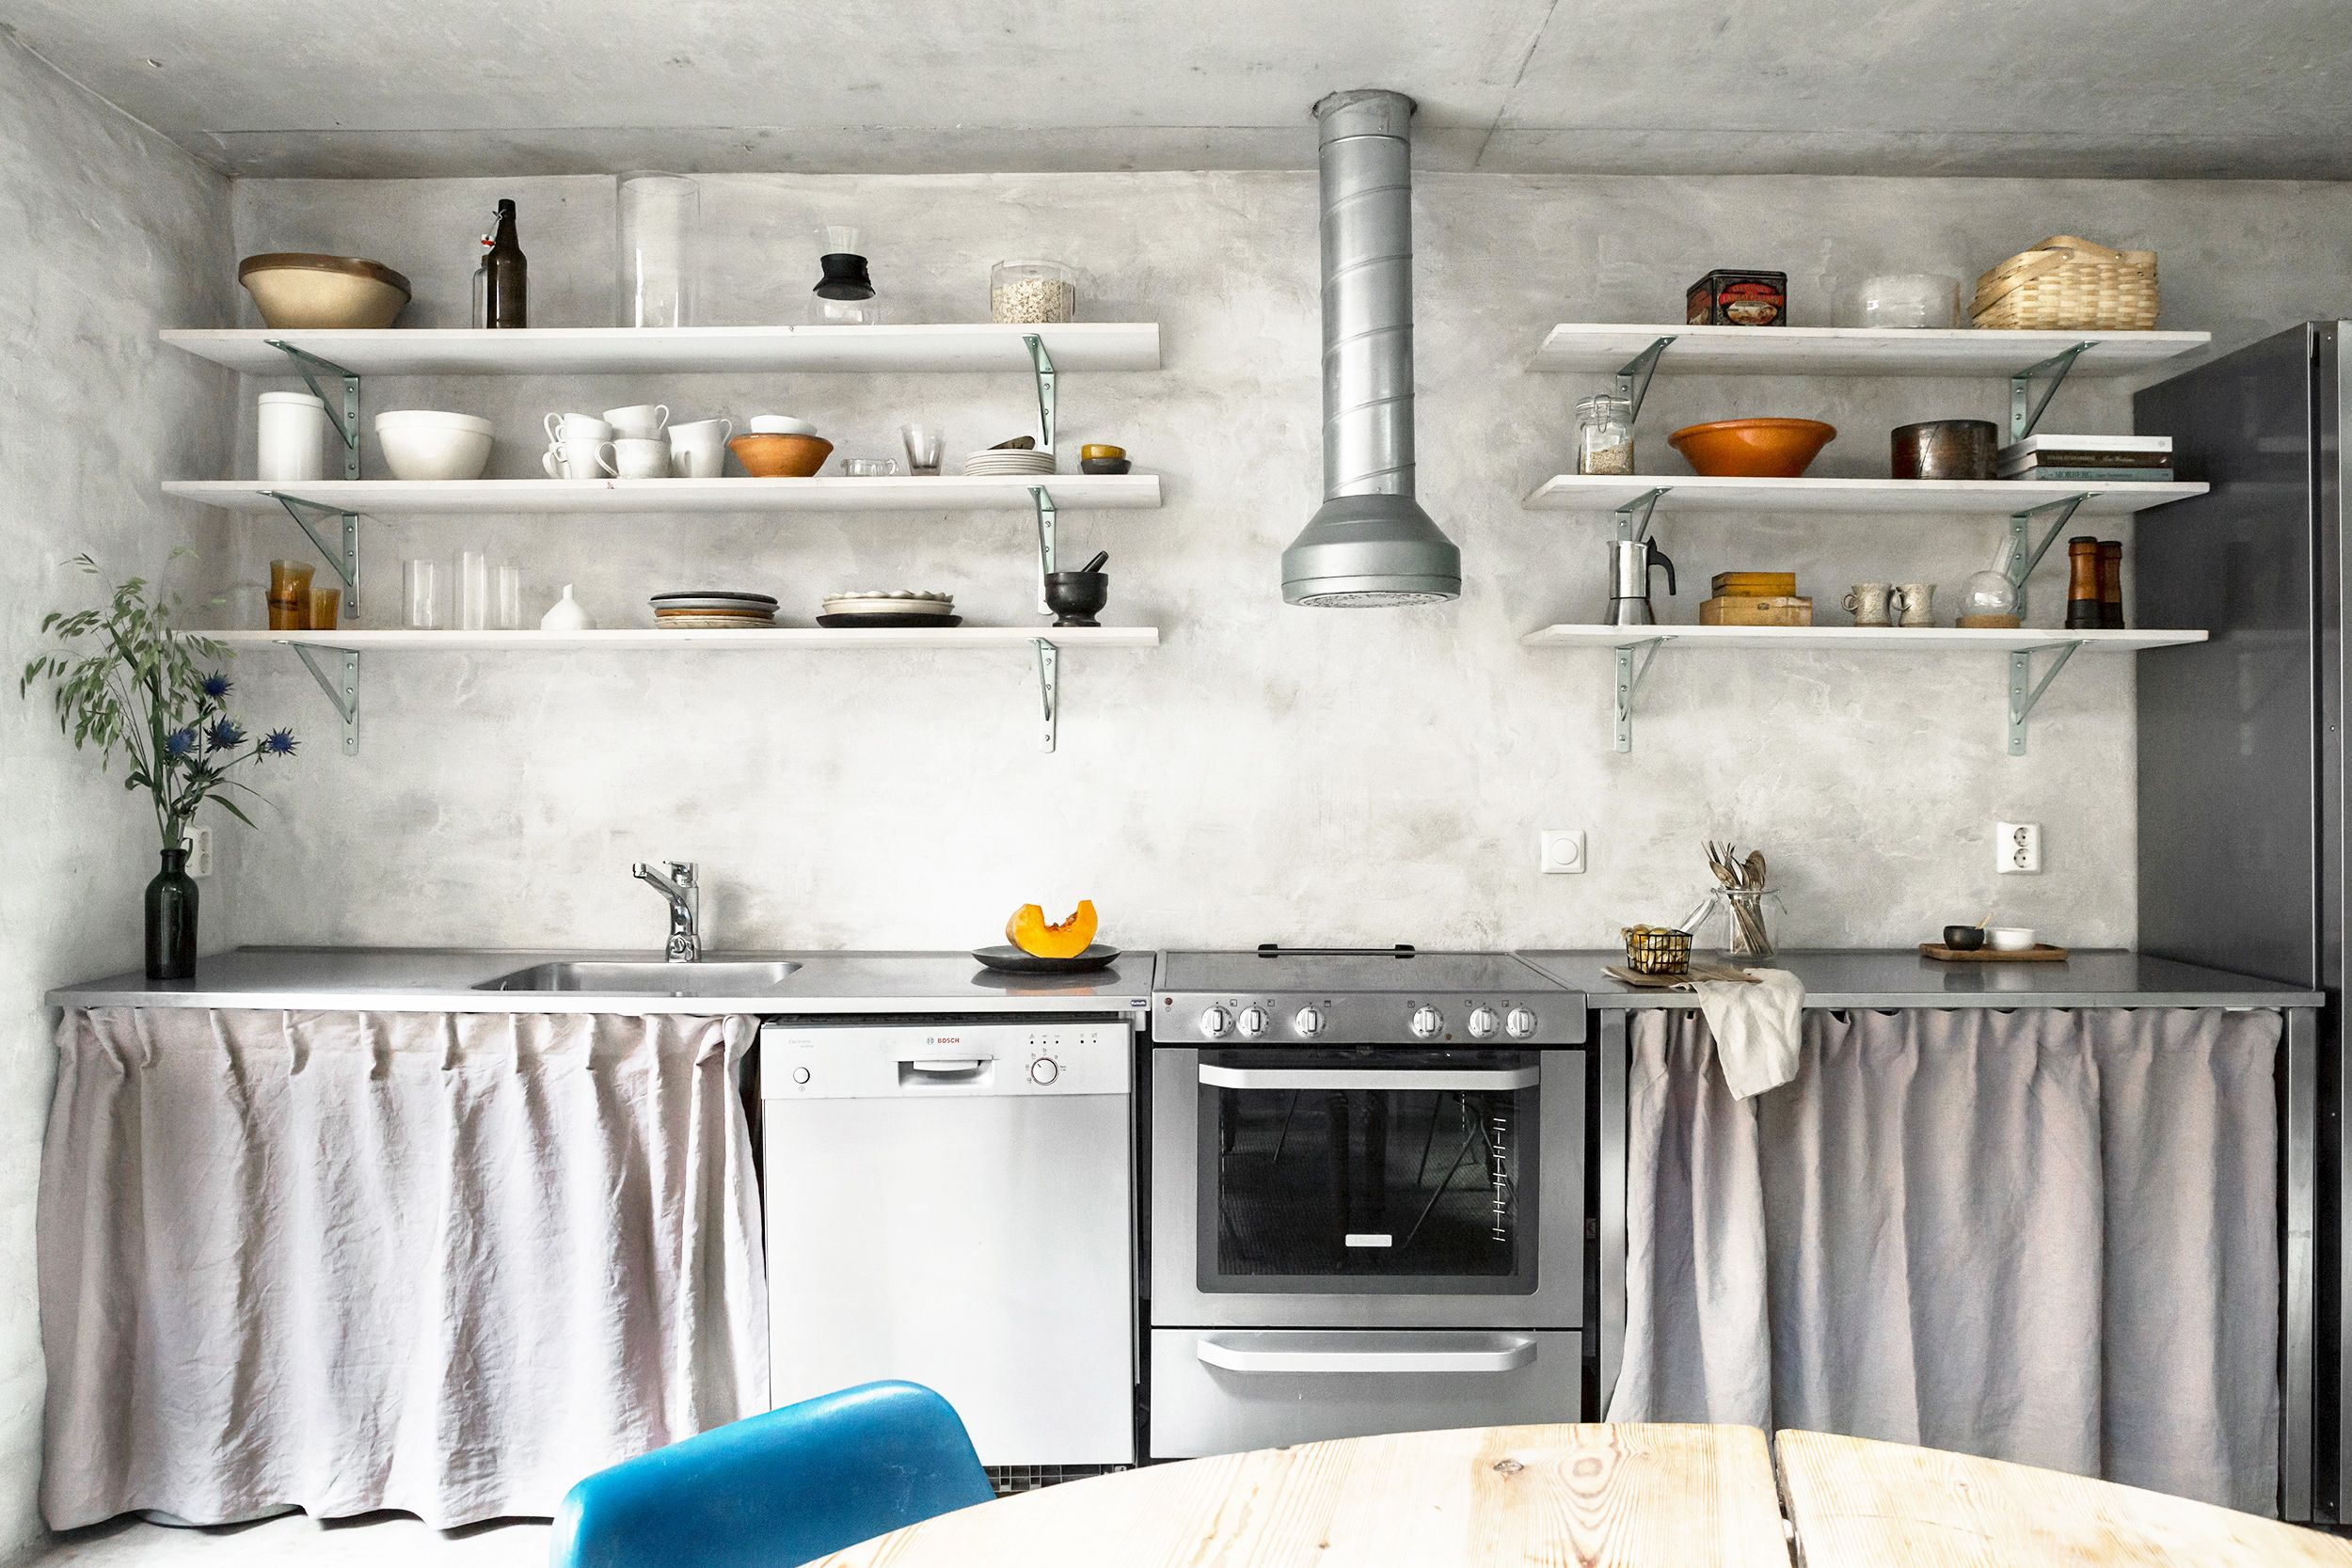 60 Kitchen Cabinet Design Ideas 2020 Unique Kitchen Cabinet Styles